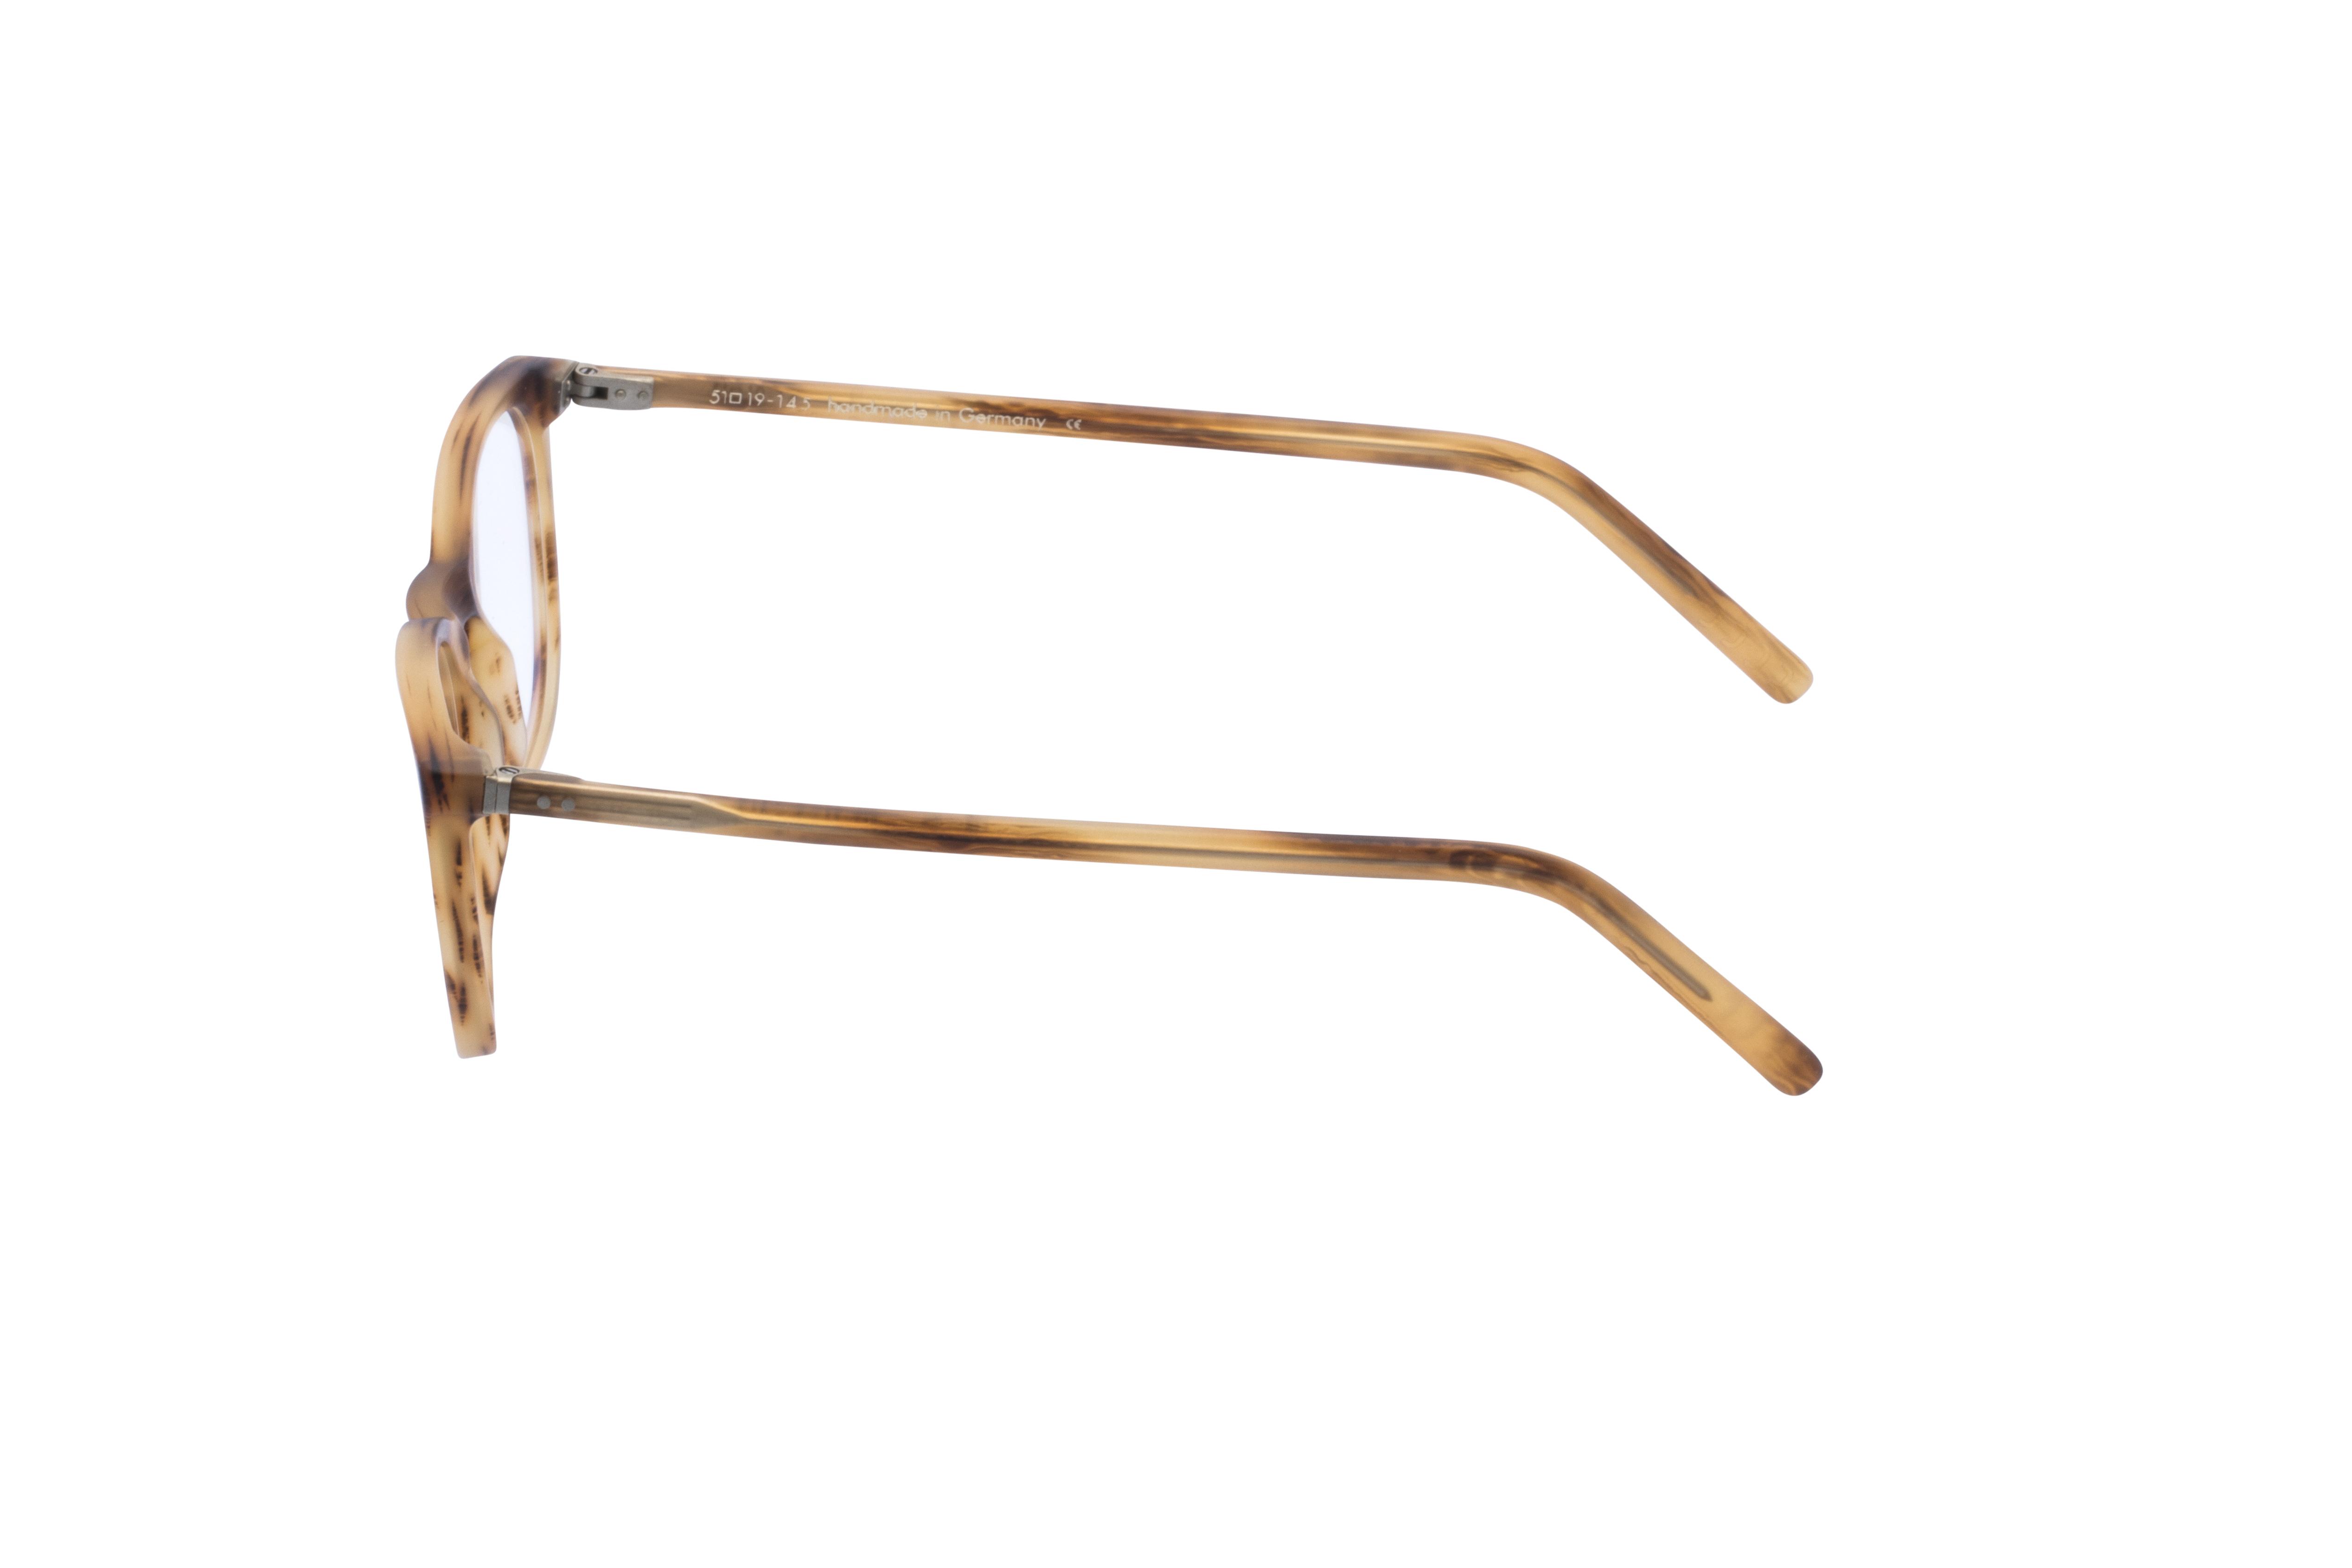 360 Grad Ansicht 18 Lunor 312, Brille auf Weiß - Fassung bei KUNK